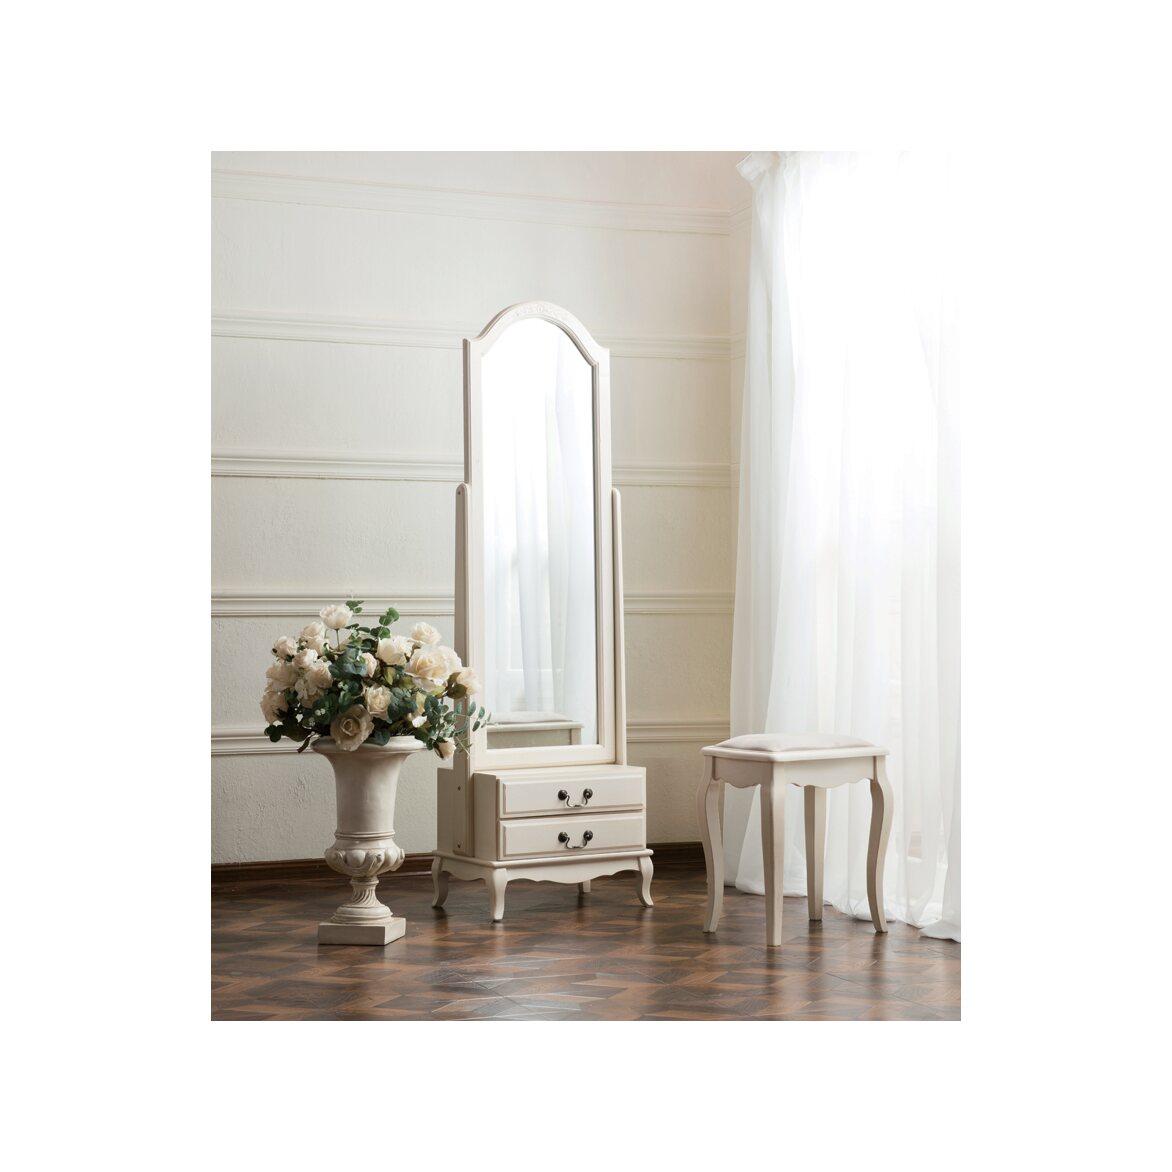 Табурет с мягким сиденьем к макияжному столику Leontina, бежевого цвета 3 | Стулья Kingsby